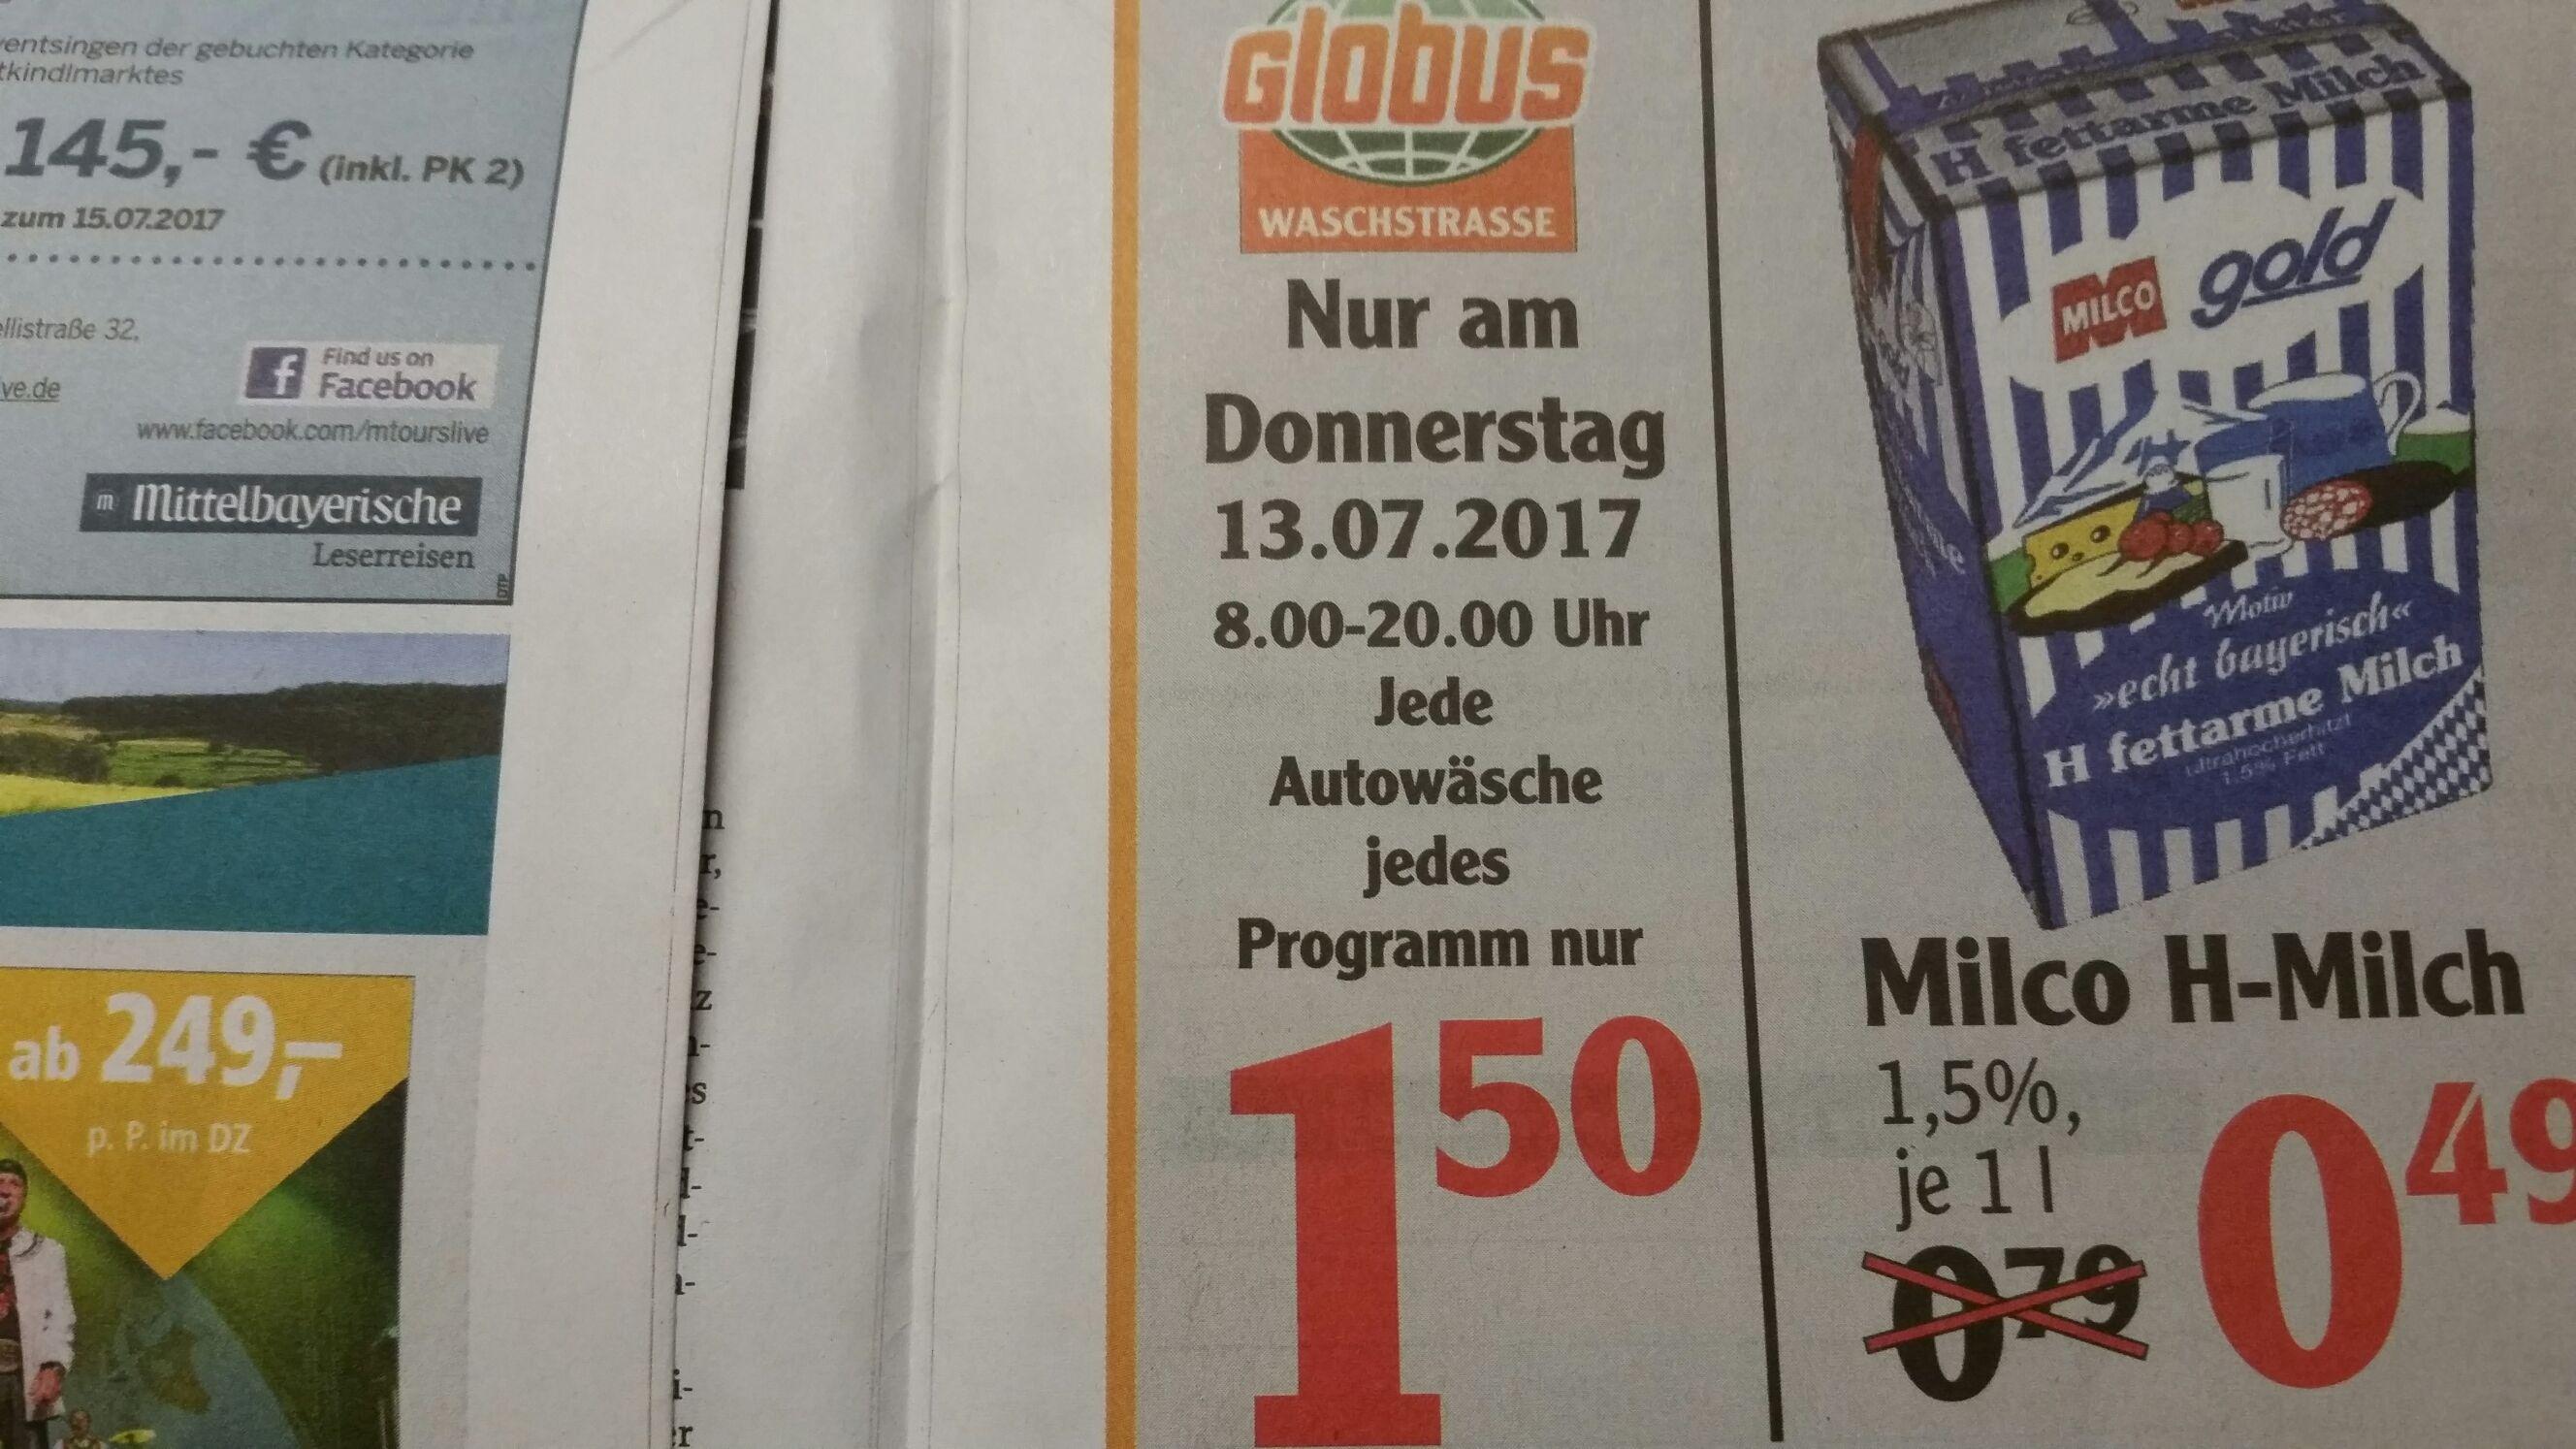 Am 13.07.17 jede Autowäsche, jedes Programm nur 1.50 Euro bei der Globus Waschstrasse in Schwandorf